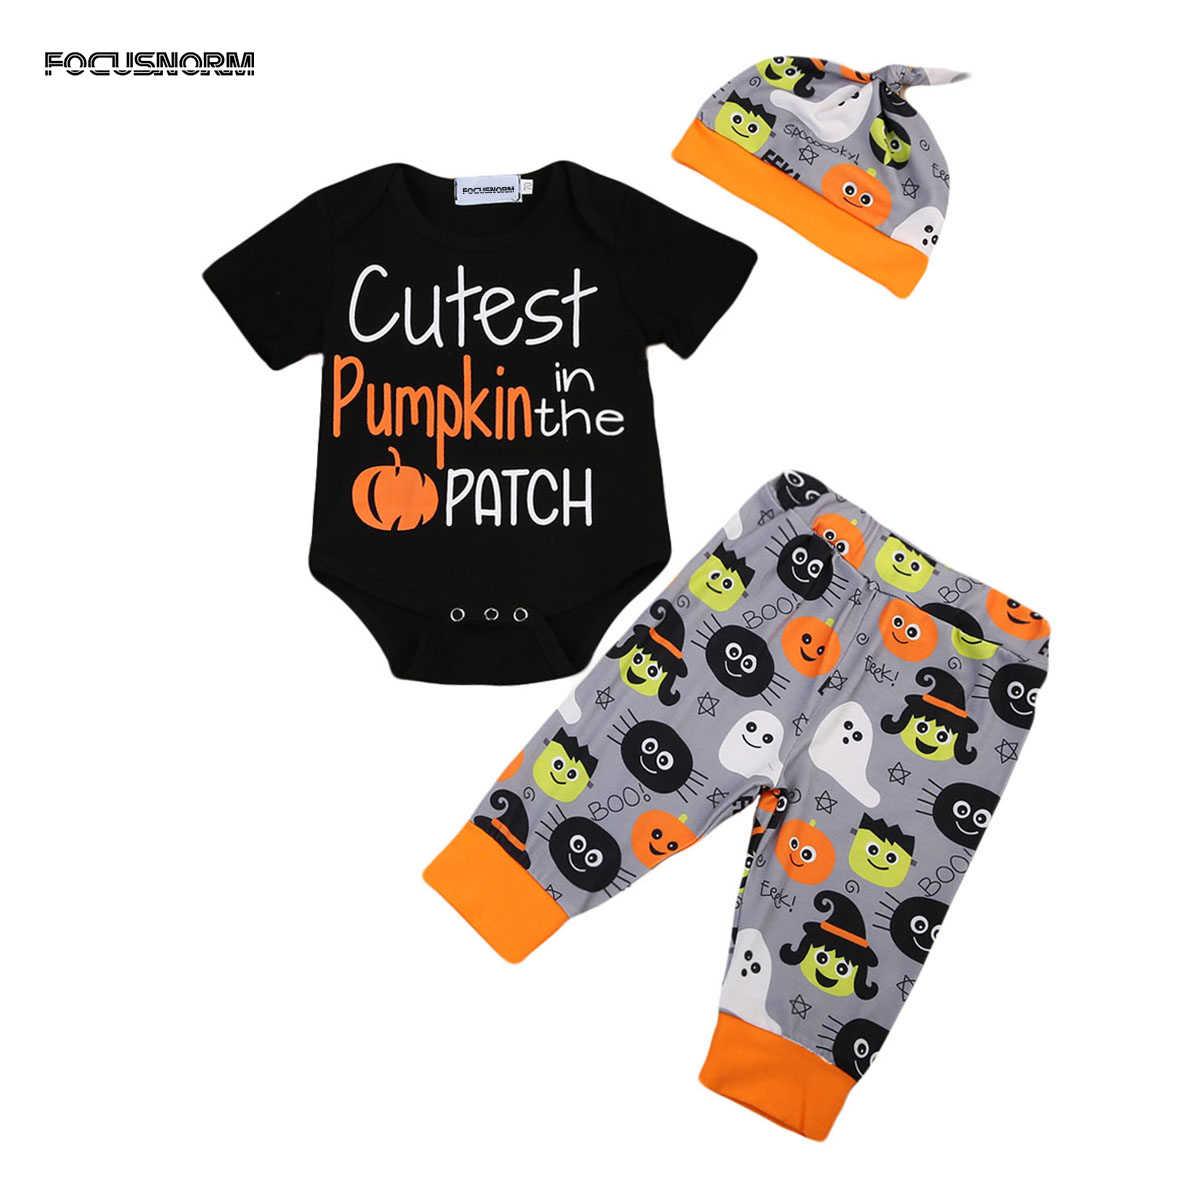 3 шт. комплект для новорожденных для маленьких мальчиков девушка Хэллоуин custest тыквы короткий рукав одежда черный комбинезон с рисунком Брюки для девочек шляпа, наряды